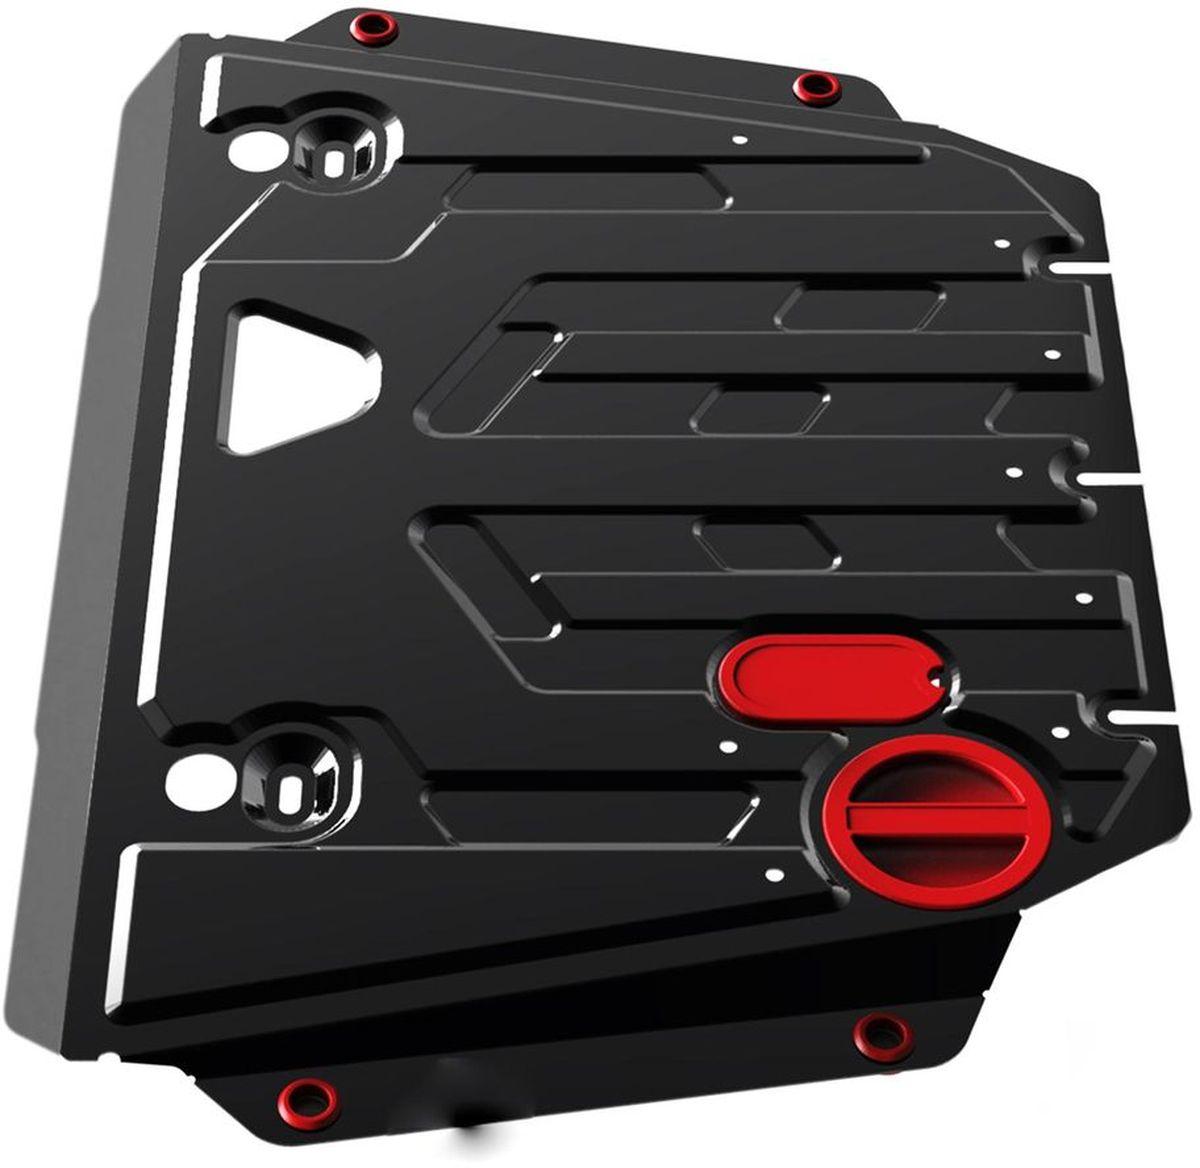 Защита картера и КПП Автоброня, для Ford Transit Connect V - 1,8; 1,8D (2007-)111.01801.1Технологически совершенный продукт за невысокую стоимость. Защита разработана с учетом особенностей днища автомобиля, что позволяет сохранить дорожный просвет с минимальным изменением. Защита устанавливается в штатные места кузова автомобиля. Глубокий штамп обеспечивает до двух раз больше жесткости в сравнении с обычной защитой той же толщины. Проштампованные ребра жесткости препятствуют деформации защиты при ударах. Тепловой зазор и вентиляционные отверстия обеспечивают сохранение температурного режима двигателя в норме. Скрытый крепеж предотвращает срыв крепежных элементов при наезде на препятствие. Шумопоглощающие резиновые элементы обеспечивают комфортную езду без вибраций и скрежета металла, а съемные лючки для слива масла и замены фильтра - экономию средств и время. Конструкция изделия не влияет на пассивную безопасность автомобиля (при ударе защита не воздействует на деформационные зоны кузова). Со штатным крепежом. В комплекте инструкция по установке....